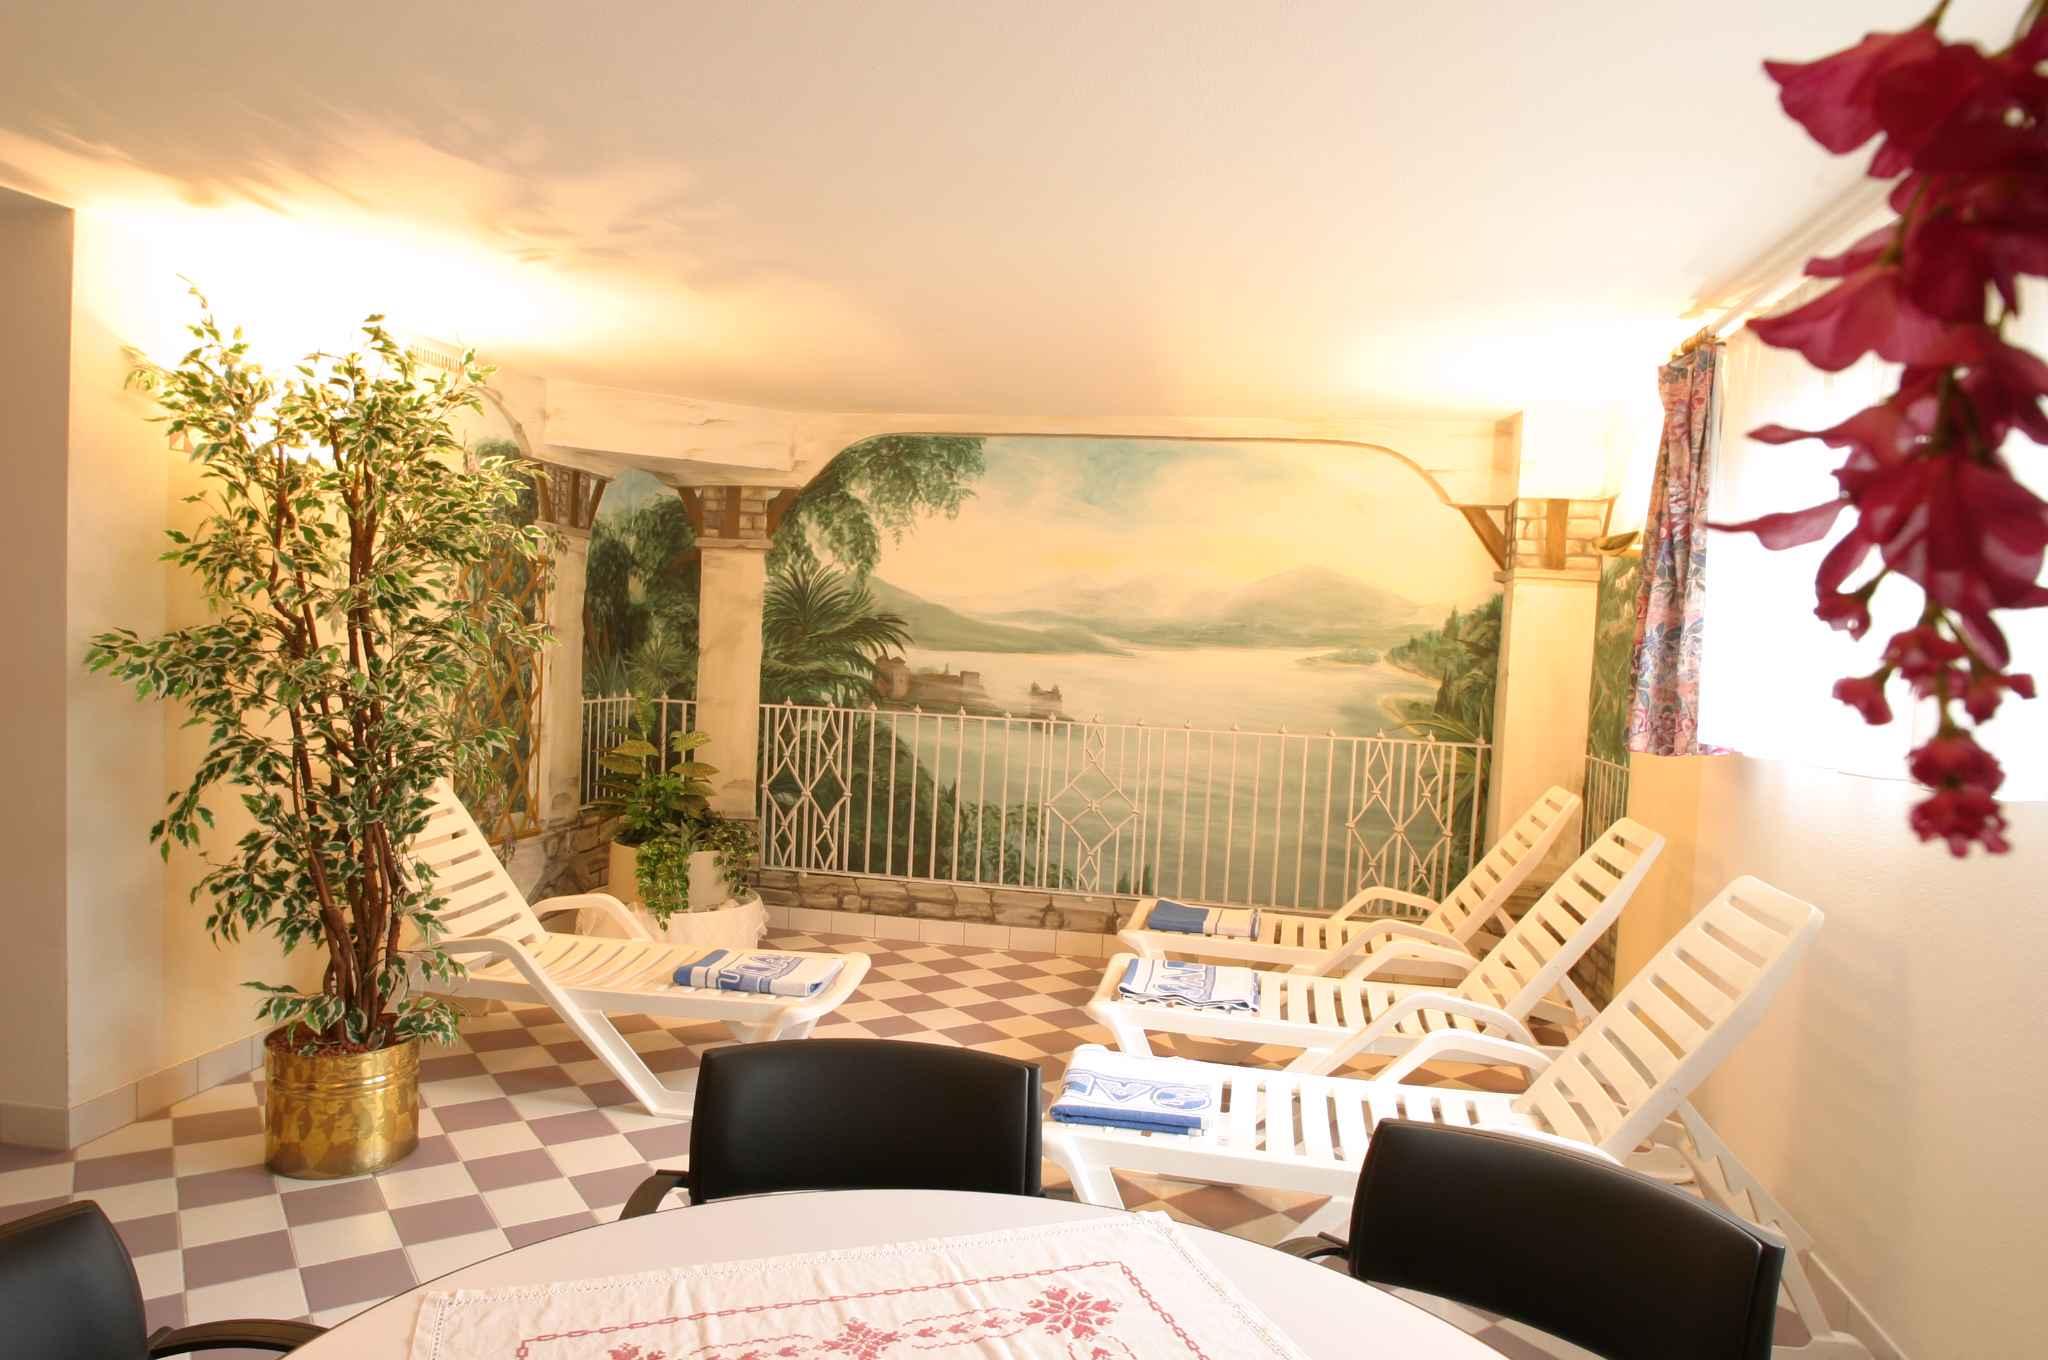 Ferienwohnung mit Balkon in ruhiger Lage (310160), Krimml, Pinzgau, Salzburg, Österreich, Bild 12